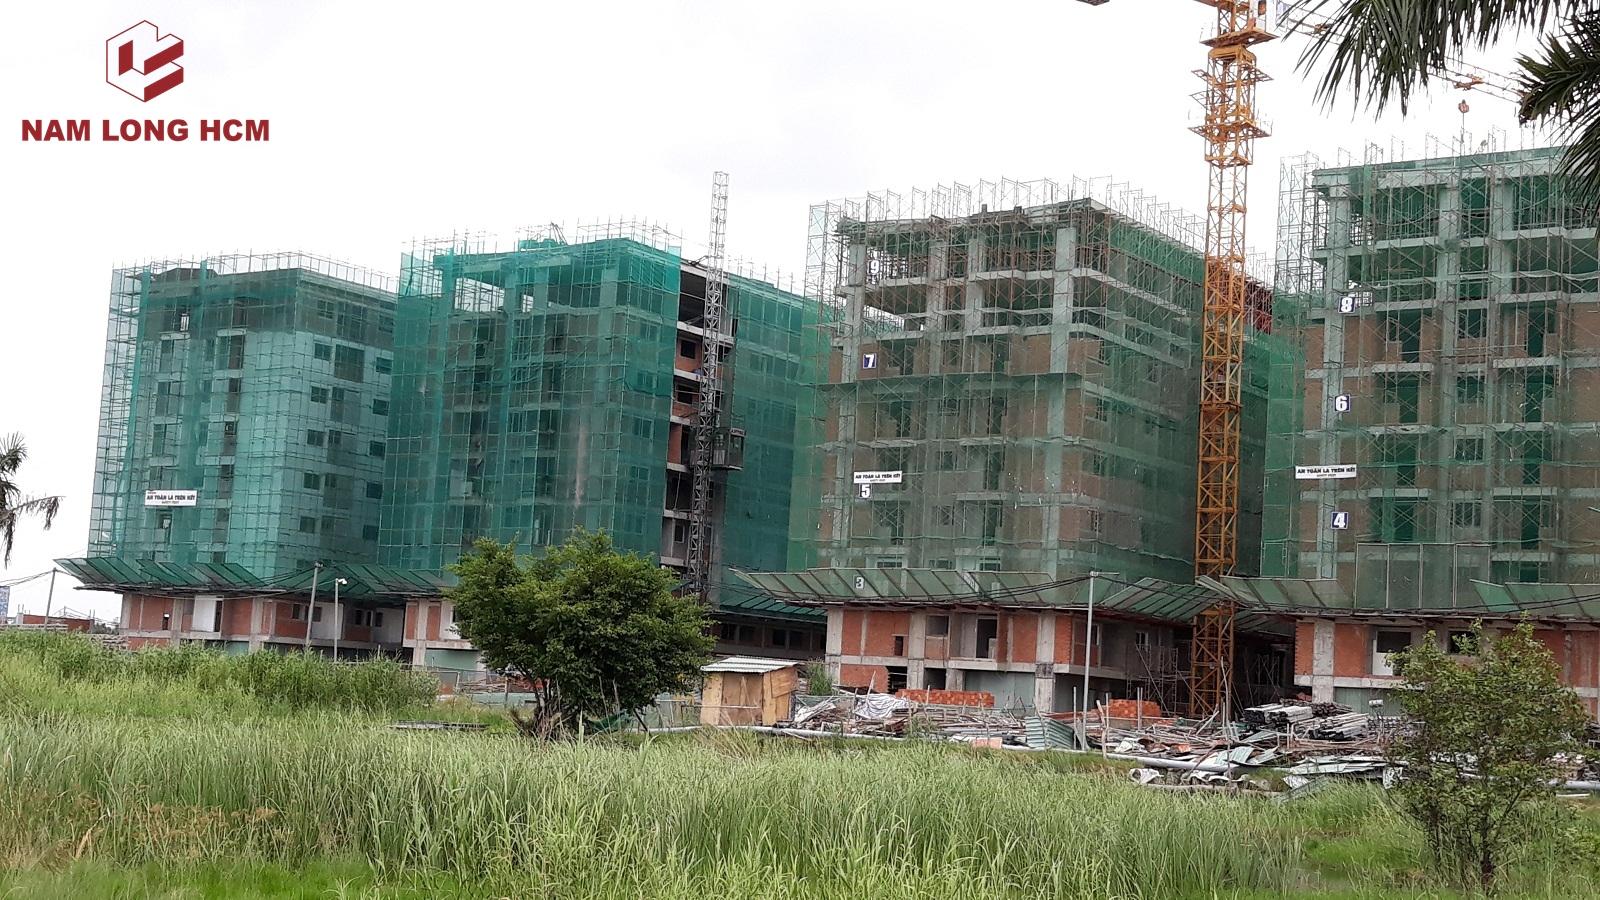 Nhà thầu xây dựng Nam Phan đang tích cực xây dựng để kịp bàn giao căn hộ cho khách hàng. Ảnh: Nam Long HCM